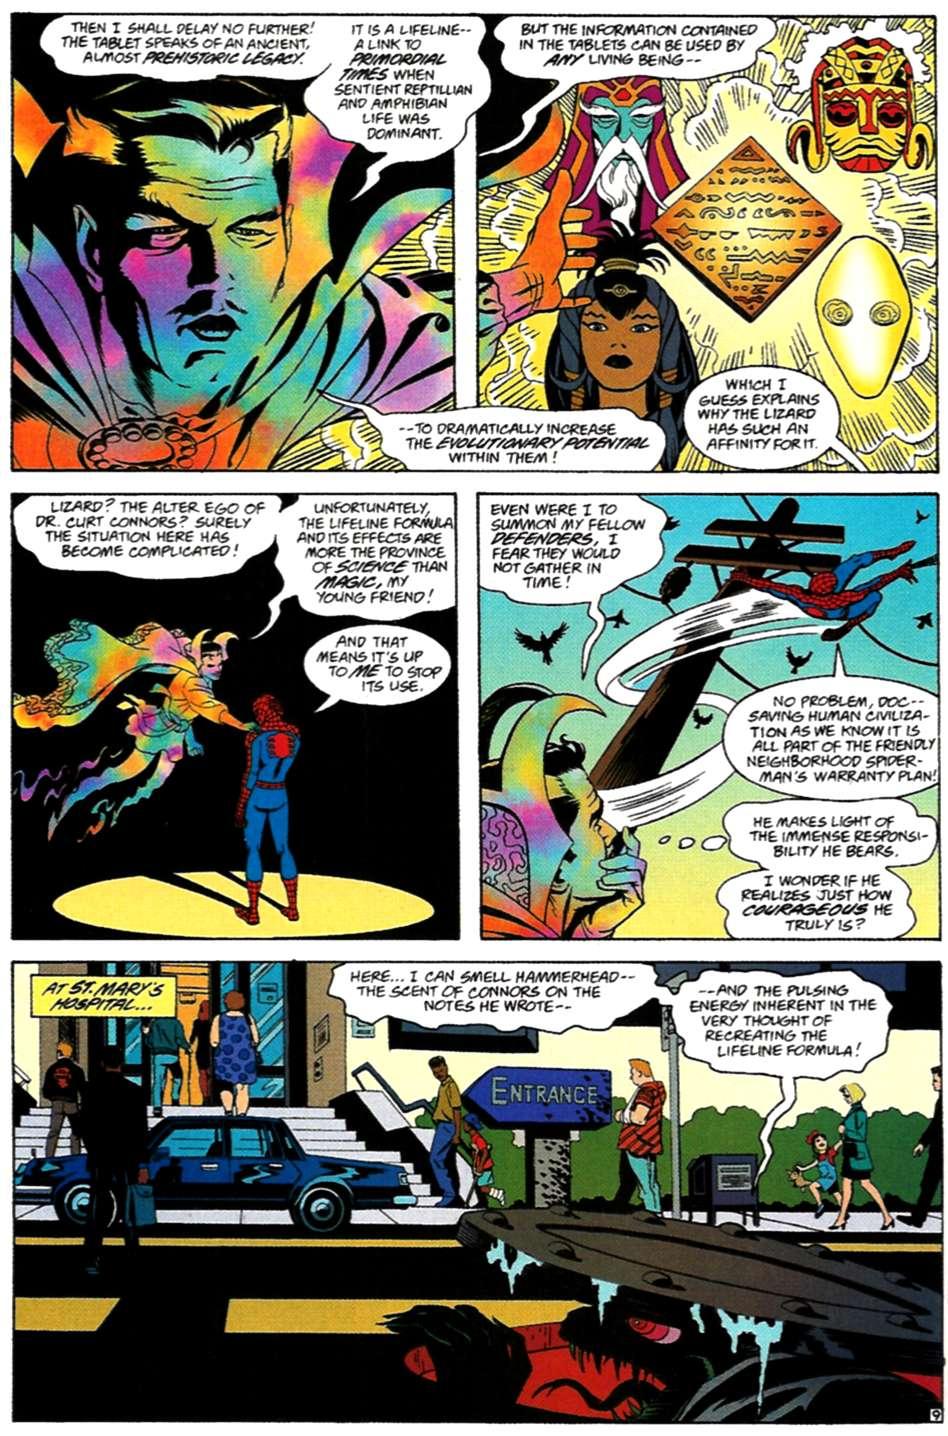 Read online Spider-Man: Lifeline comic -  Issue #3 - 10